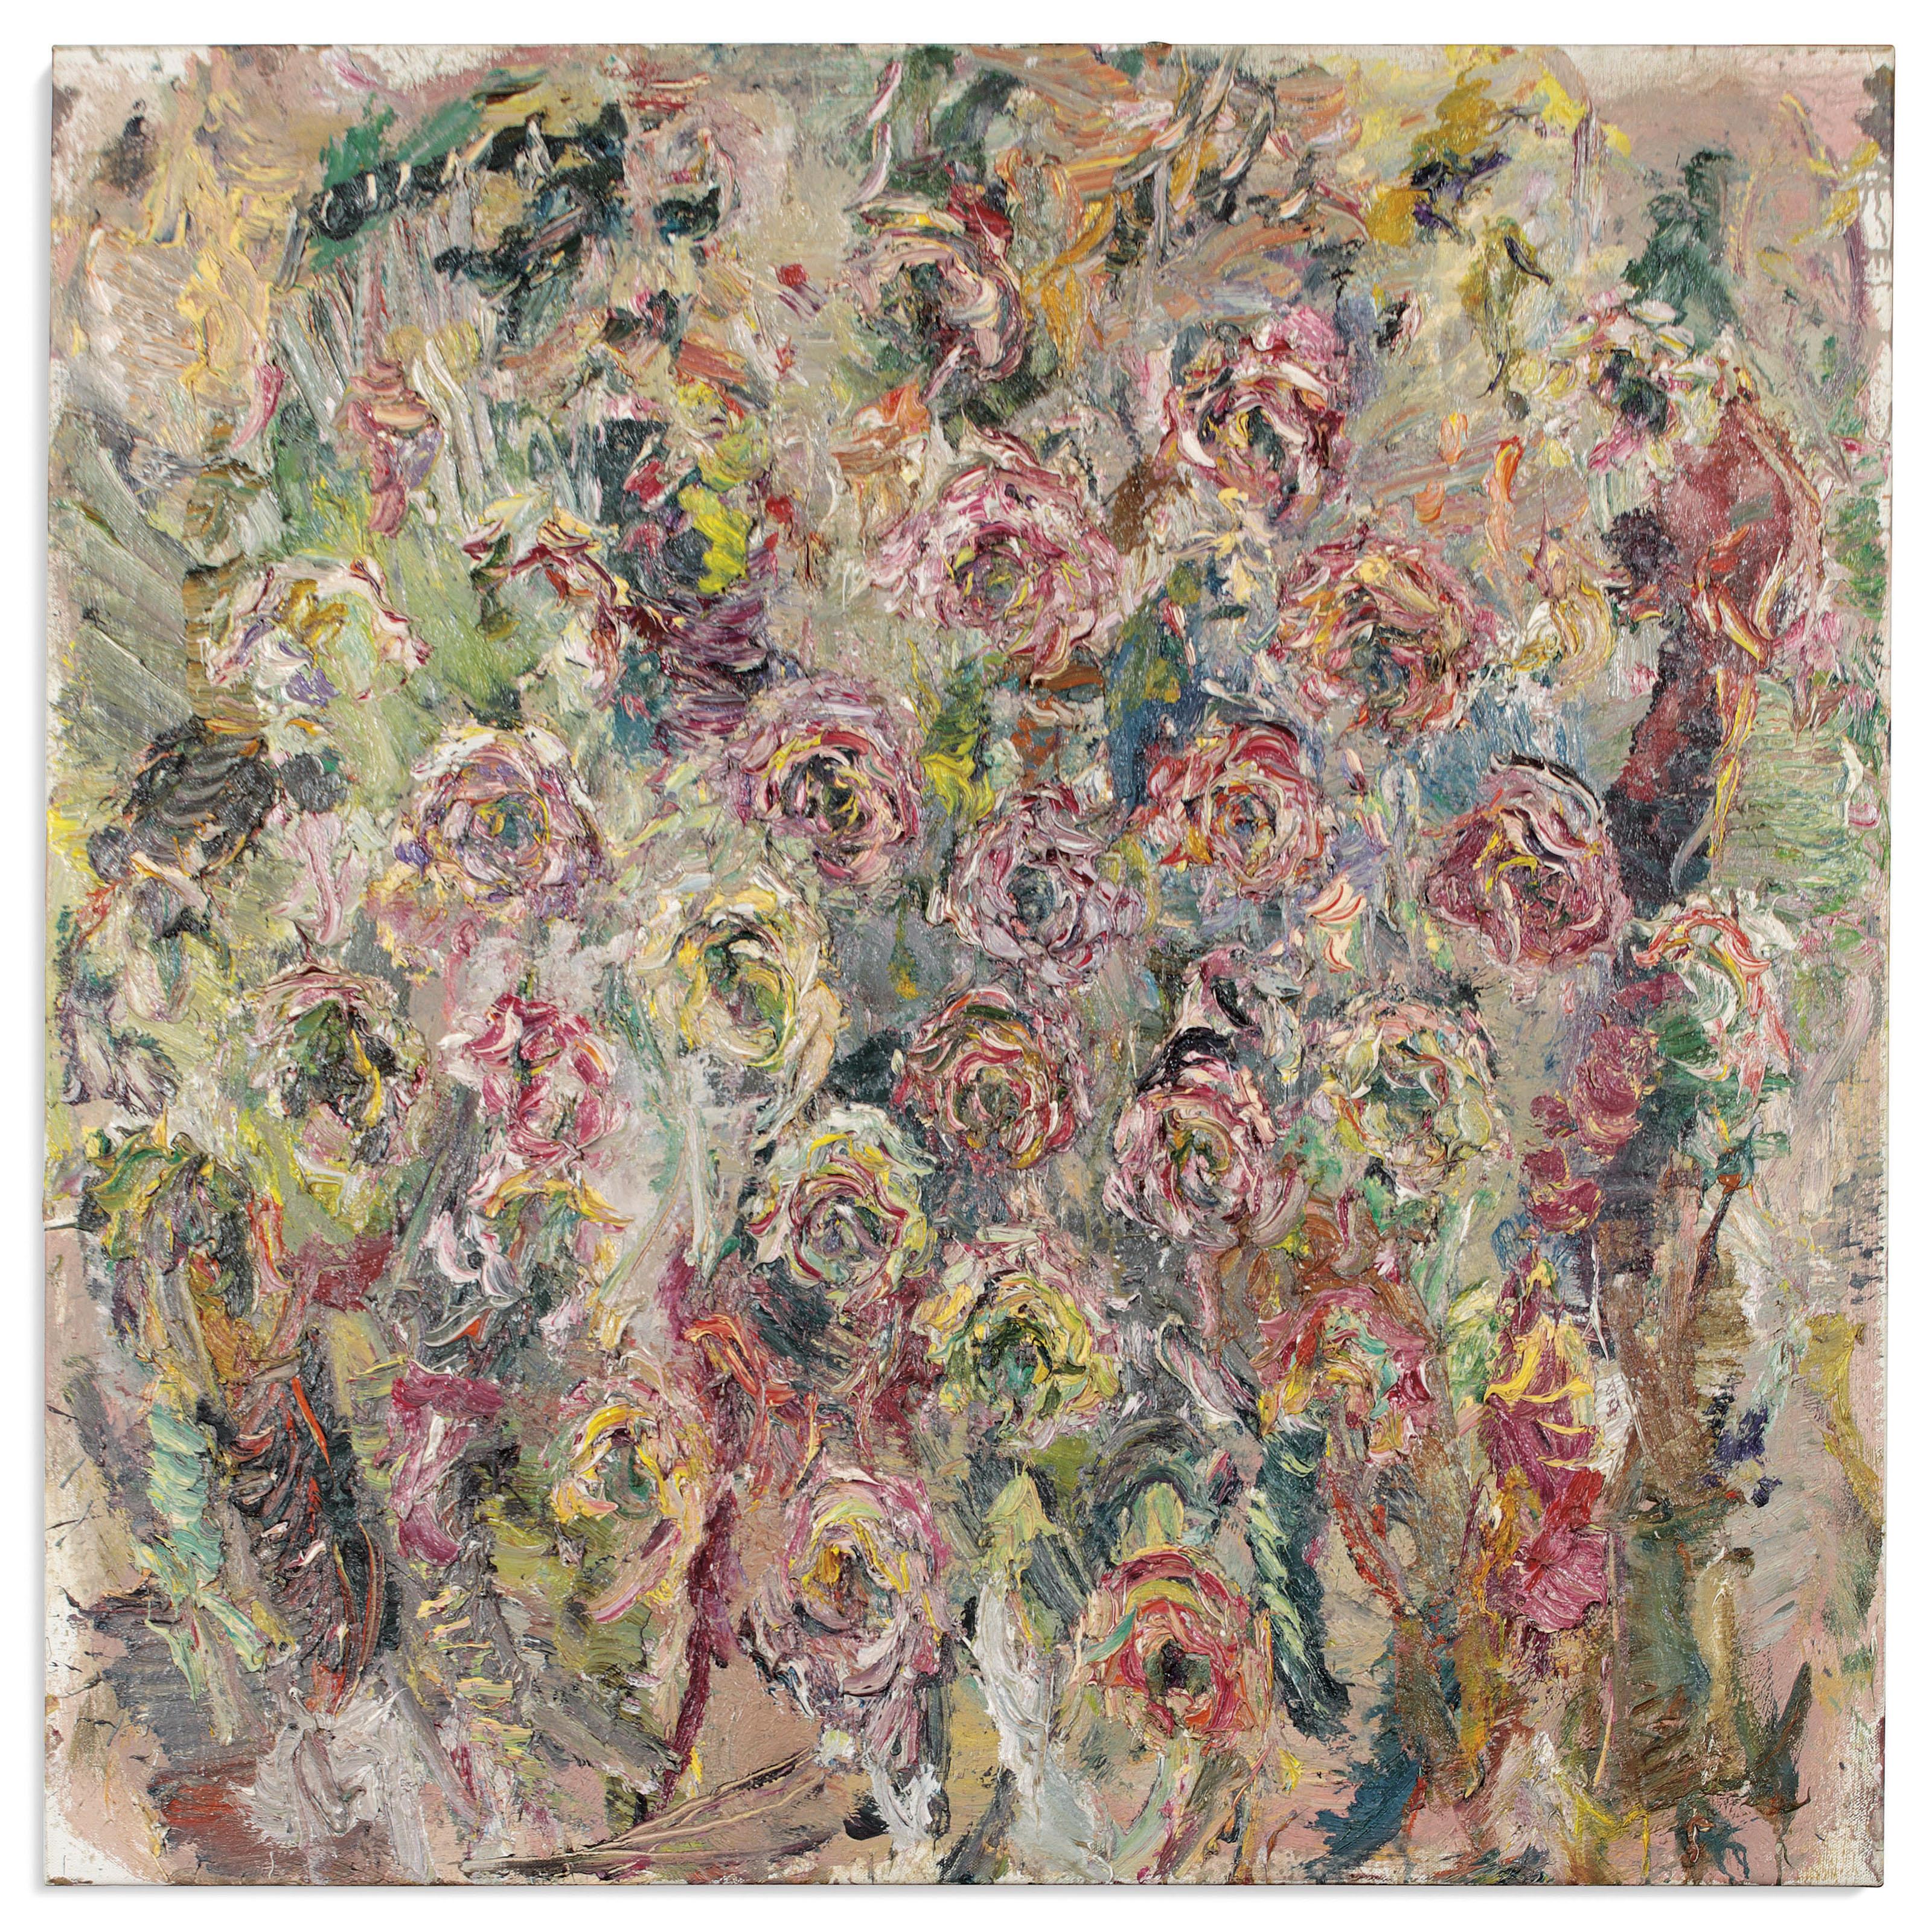 Gemengde Tuinrozen V (Mixed Garden Roses V)